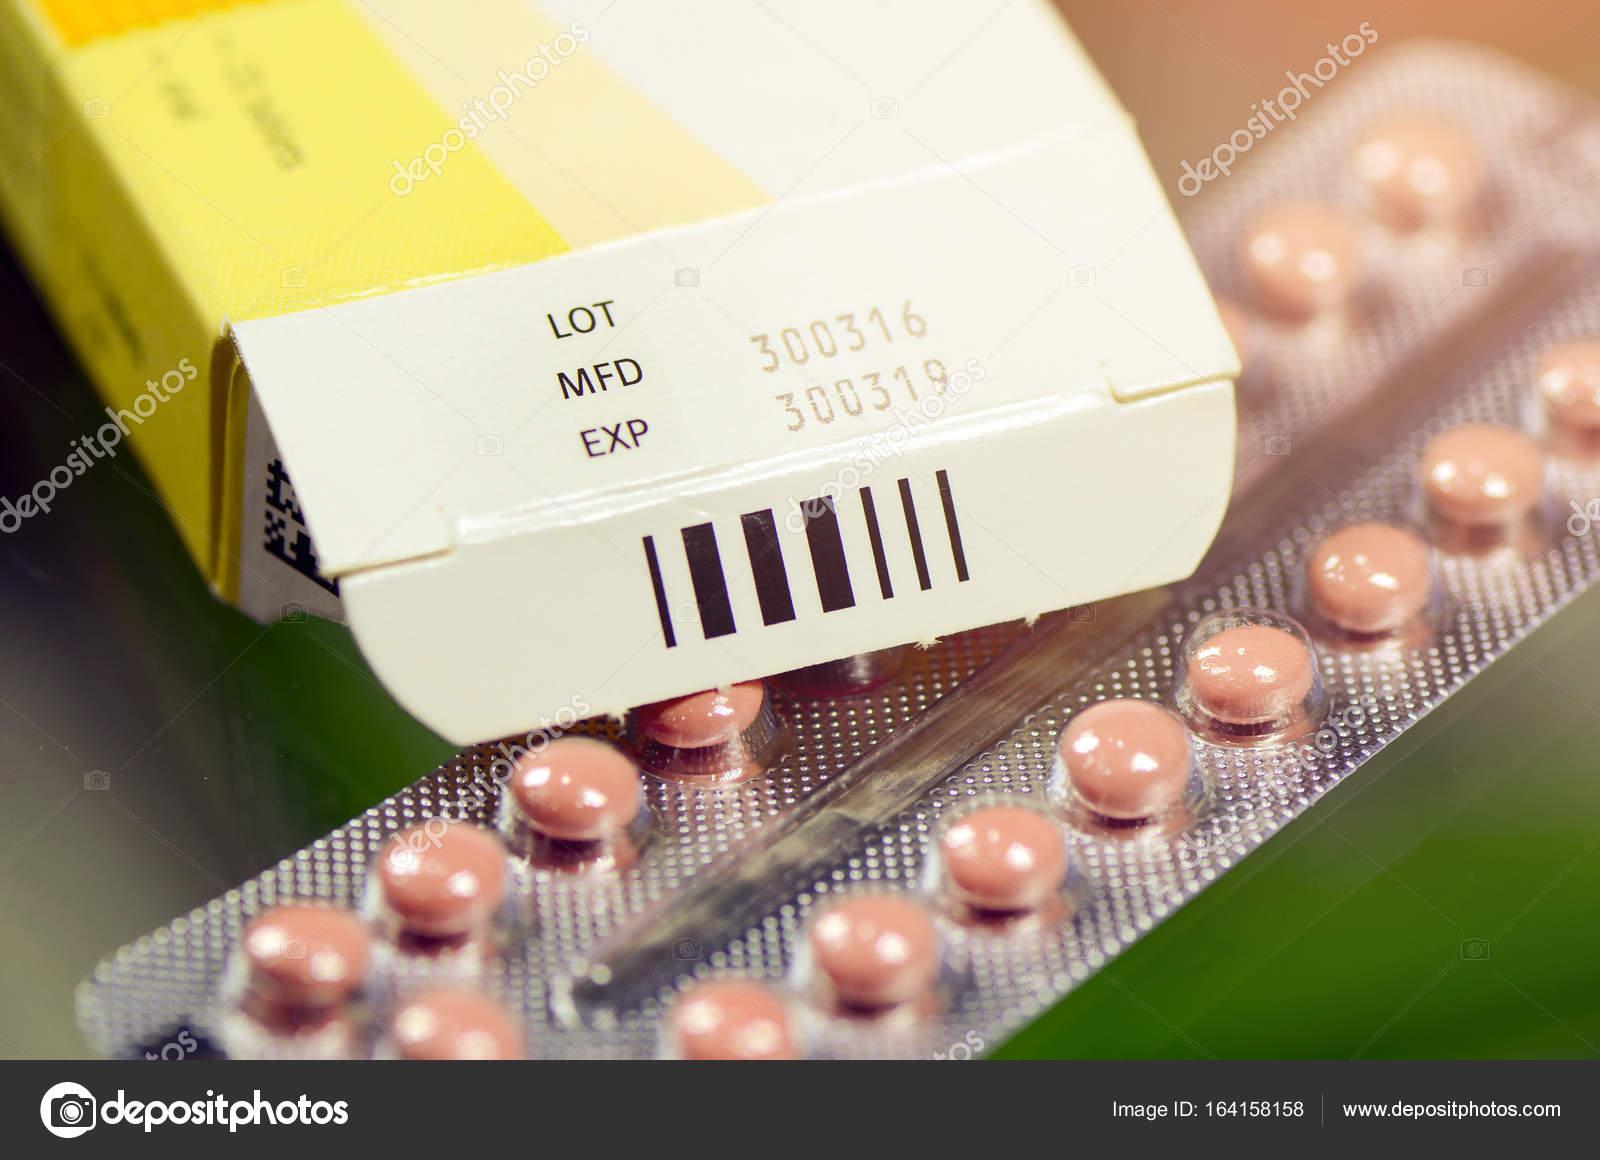 date de fabrication et date d expiration sur certains emballages pharmaceutiques photographie. Black Bedroom Furniture Sets. Home Design Ideas